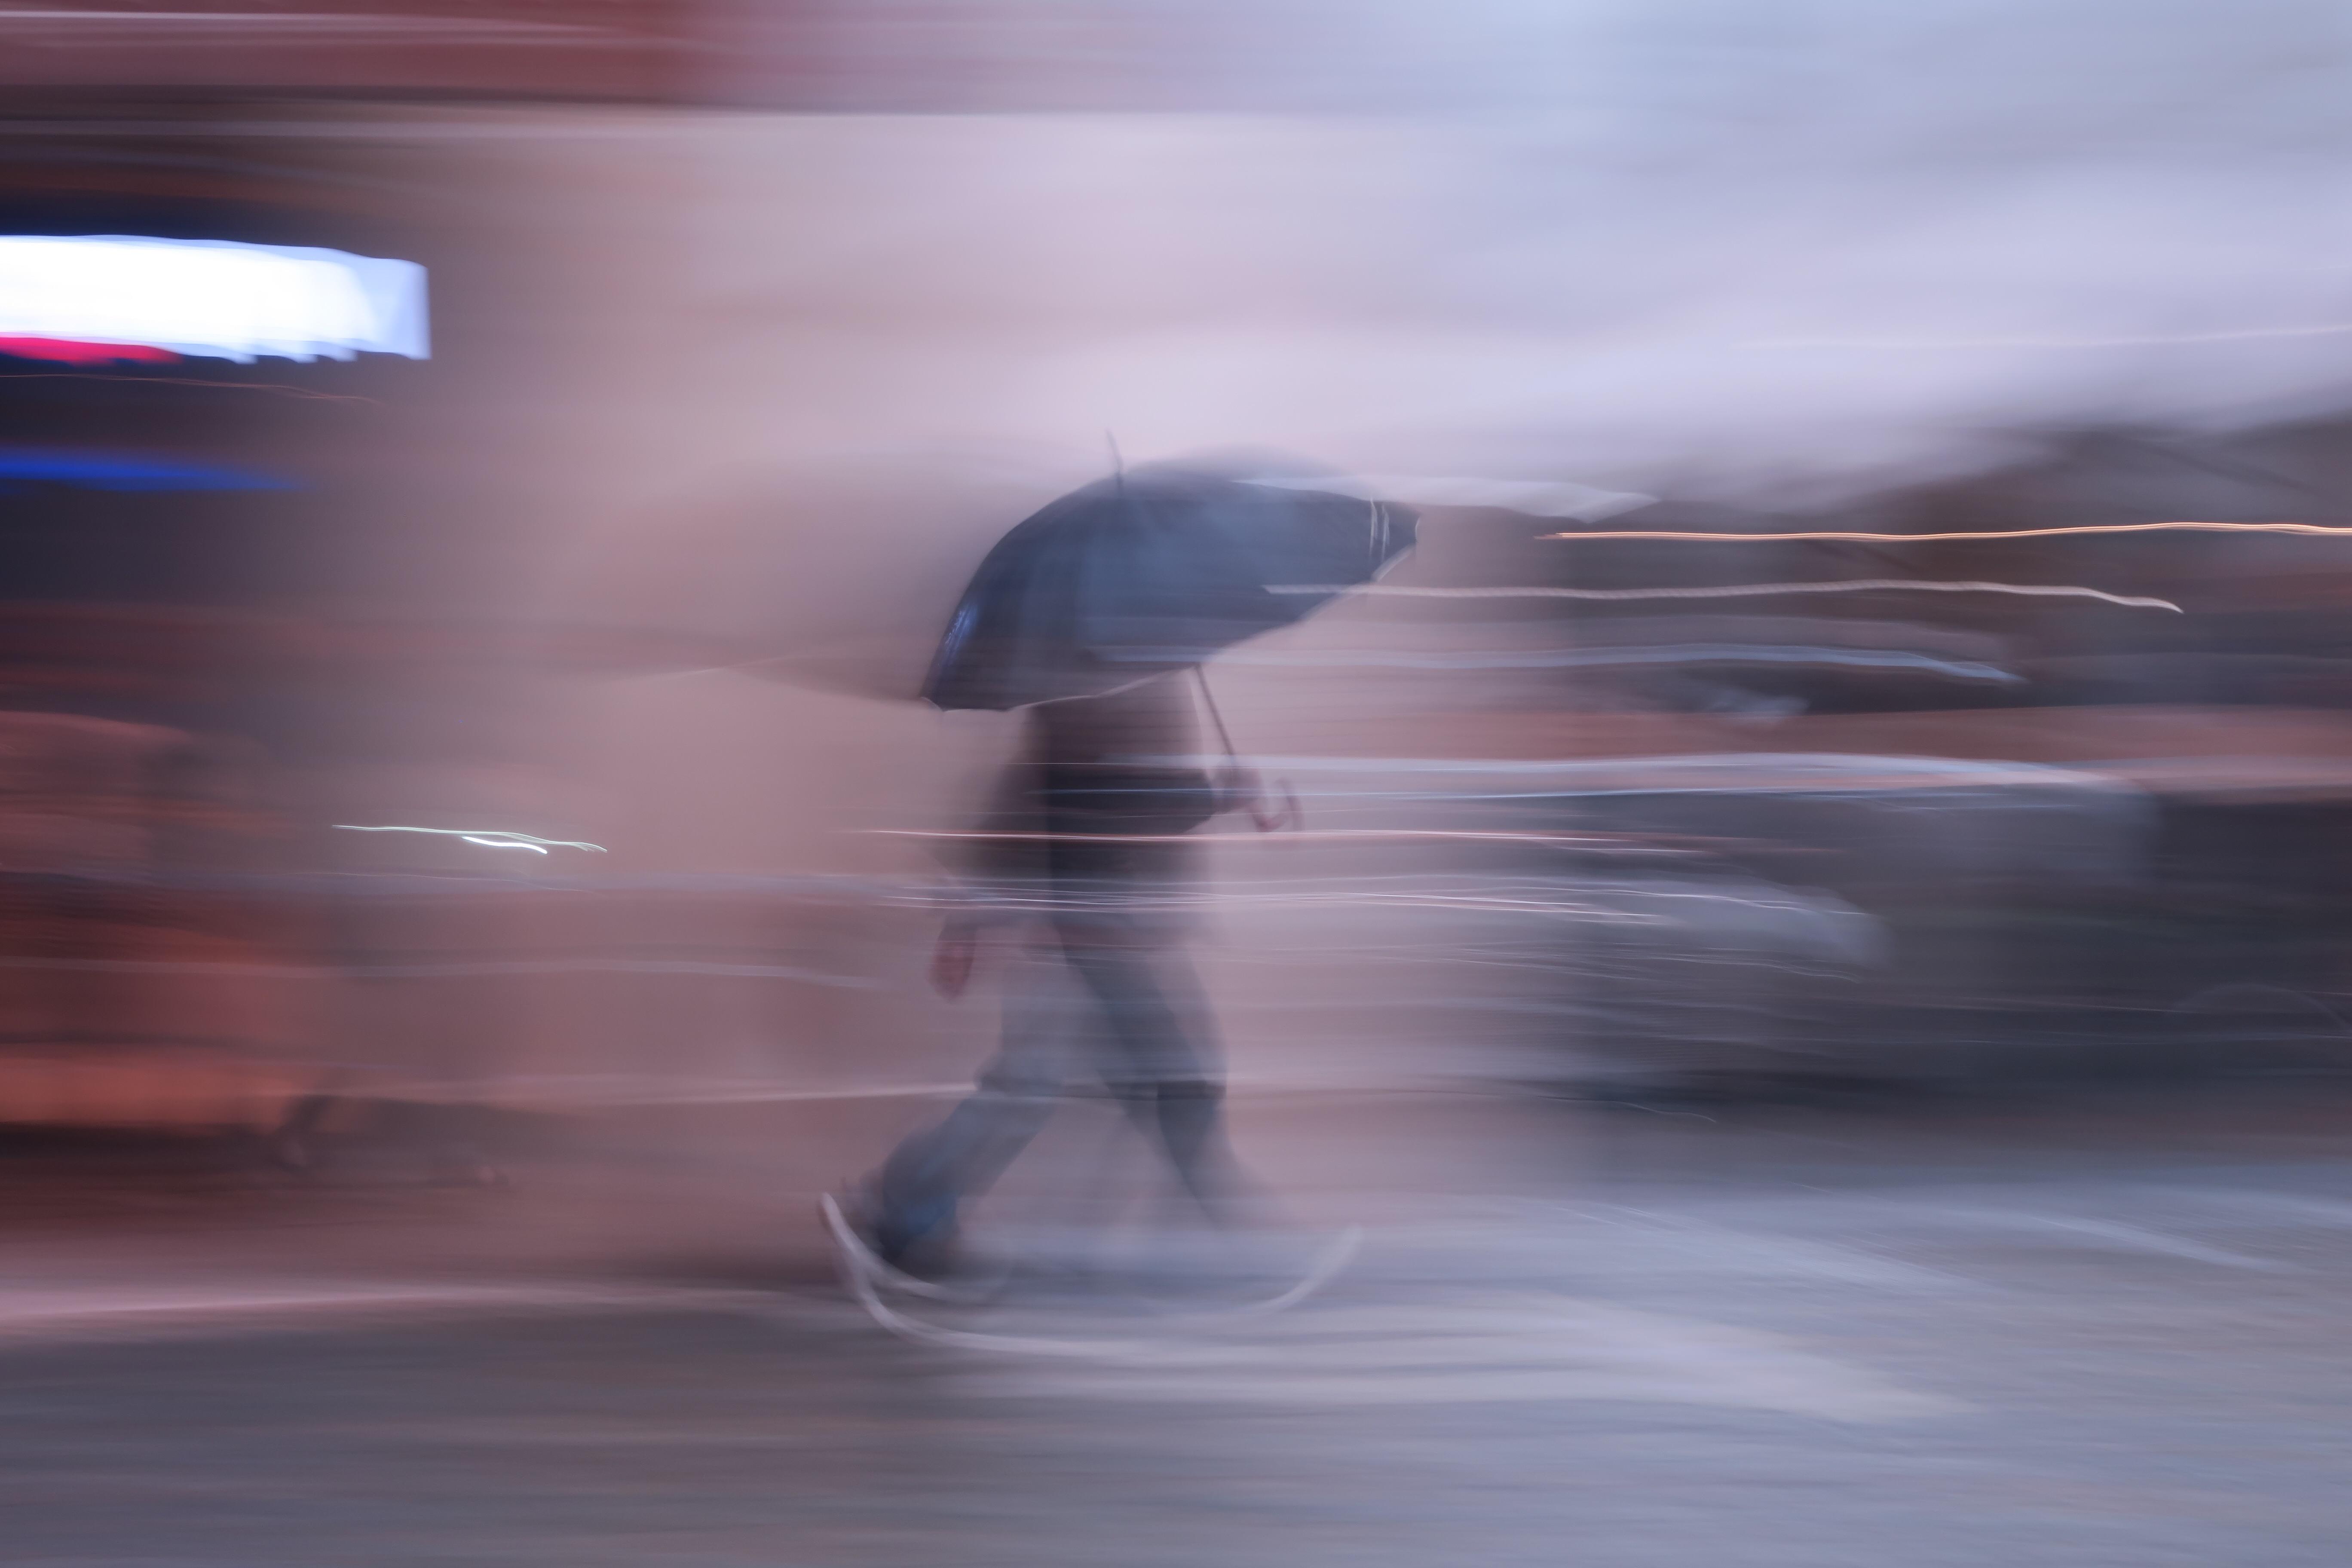 Singing in the rain di utente cancellato